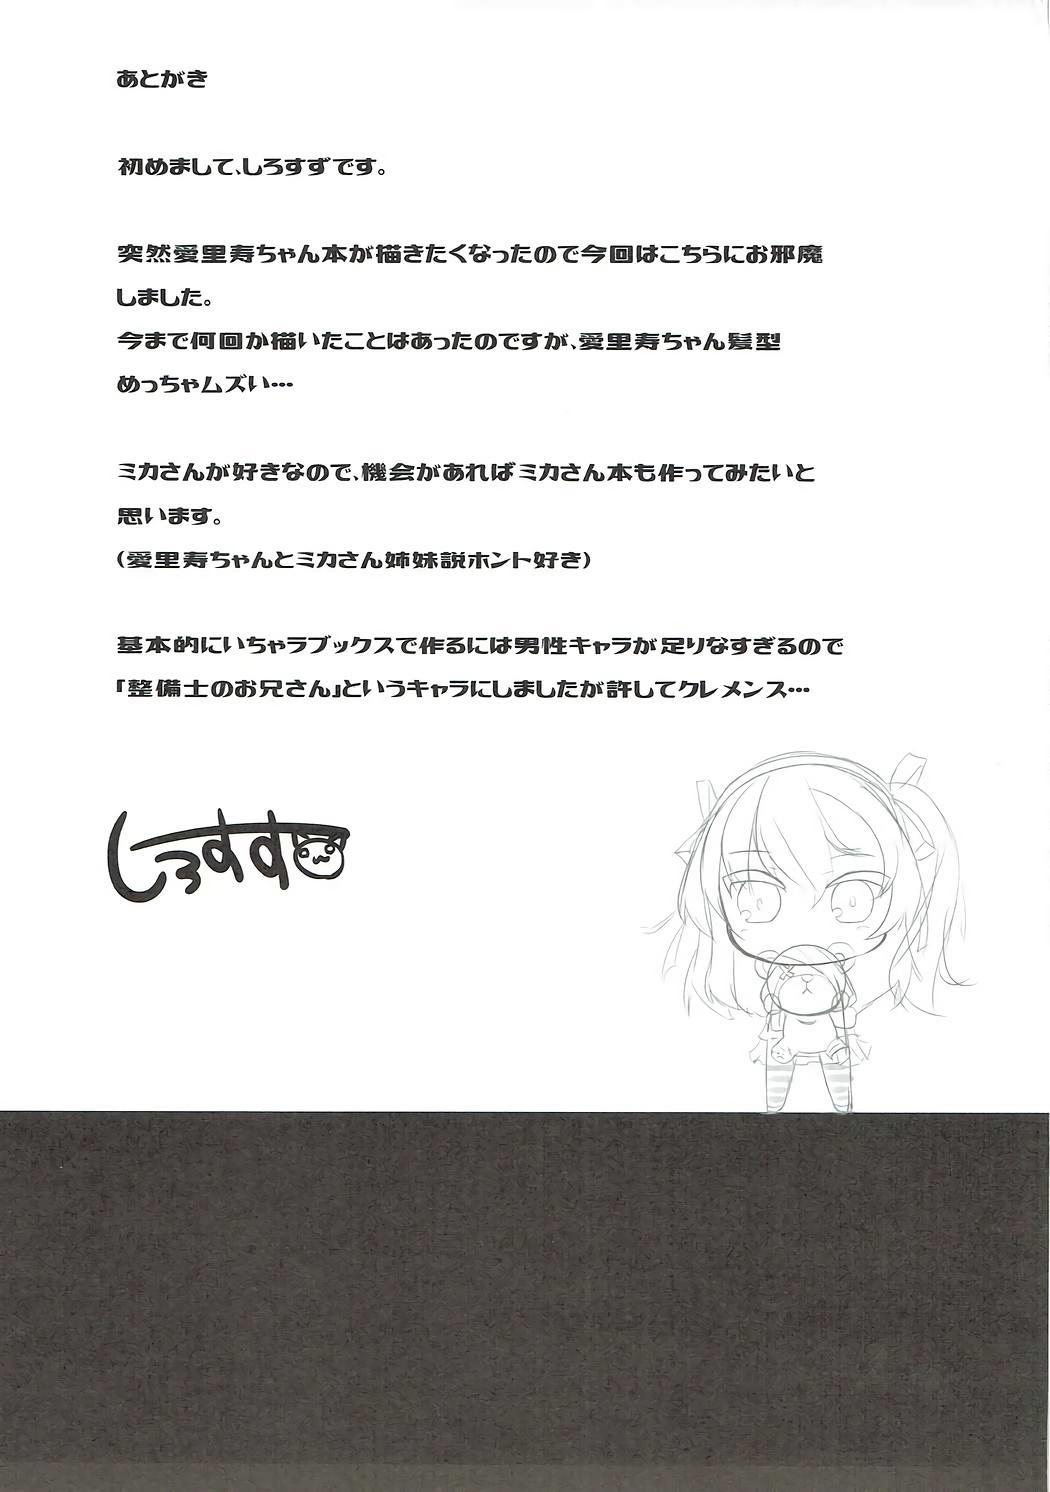 Arisu-chan to Himitsu no Kouishitsu 20